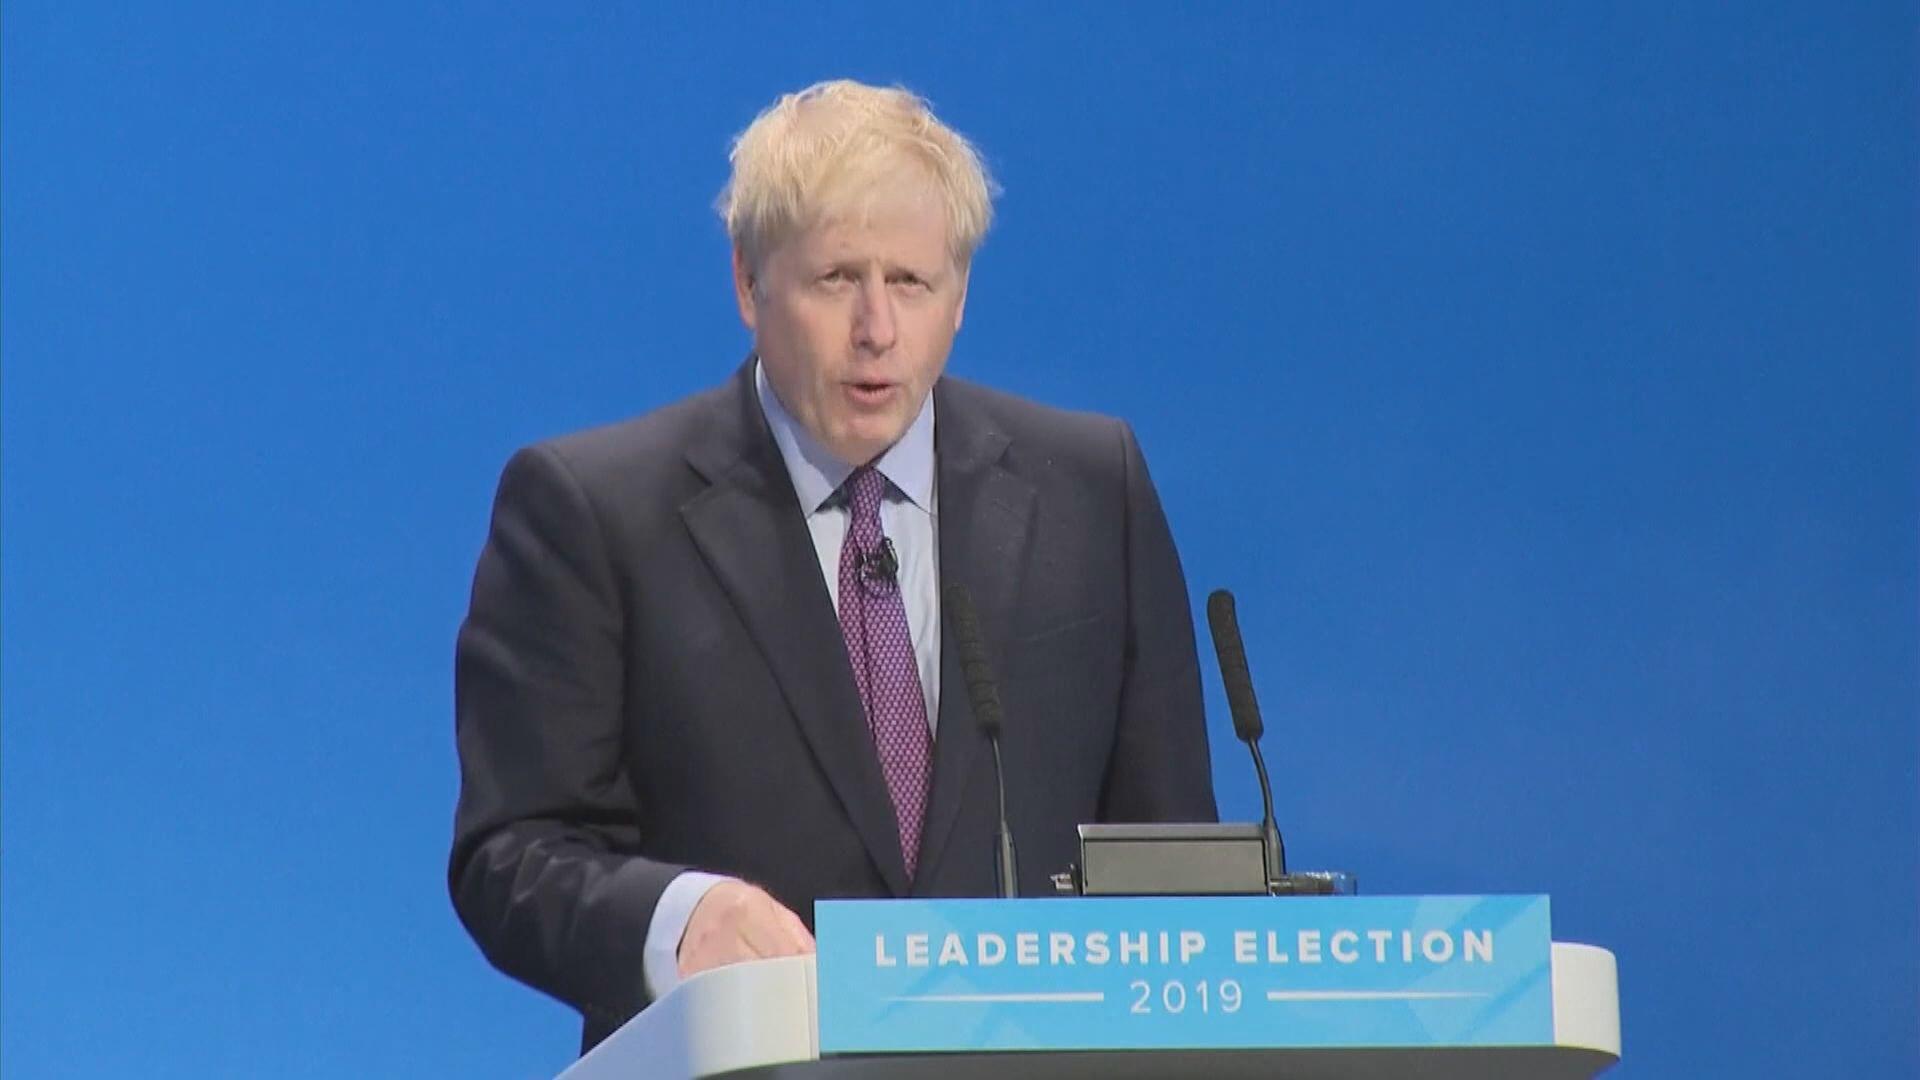 英國與歐盟繼續磋商脫歐協議